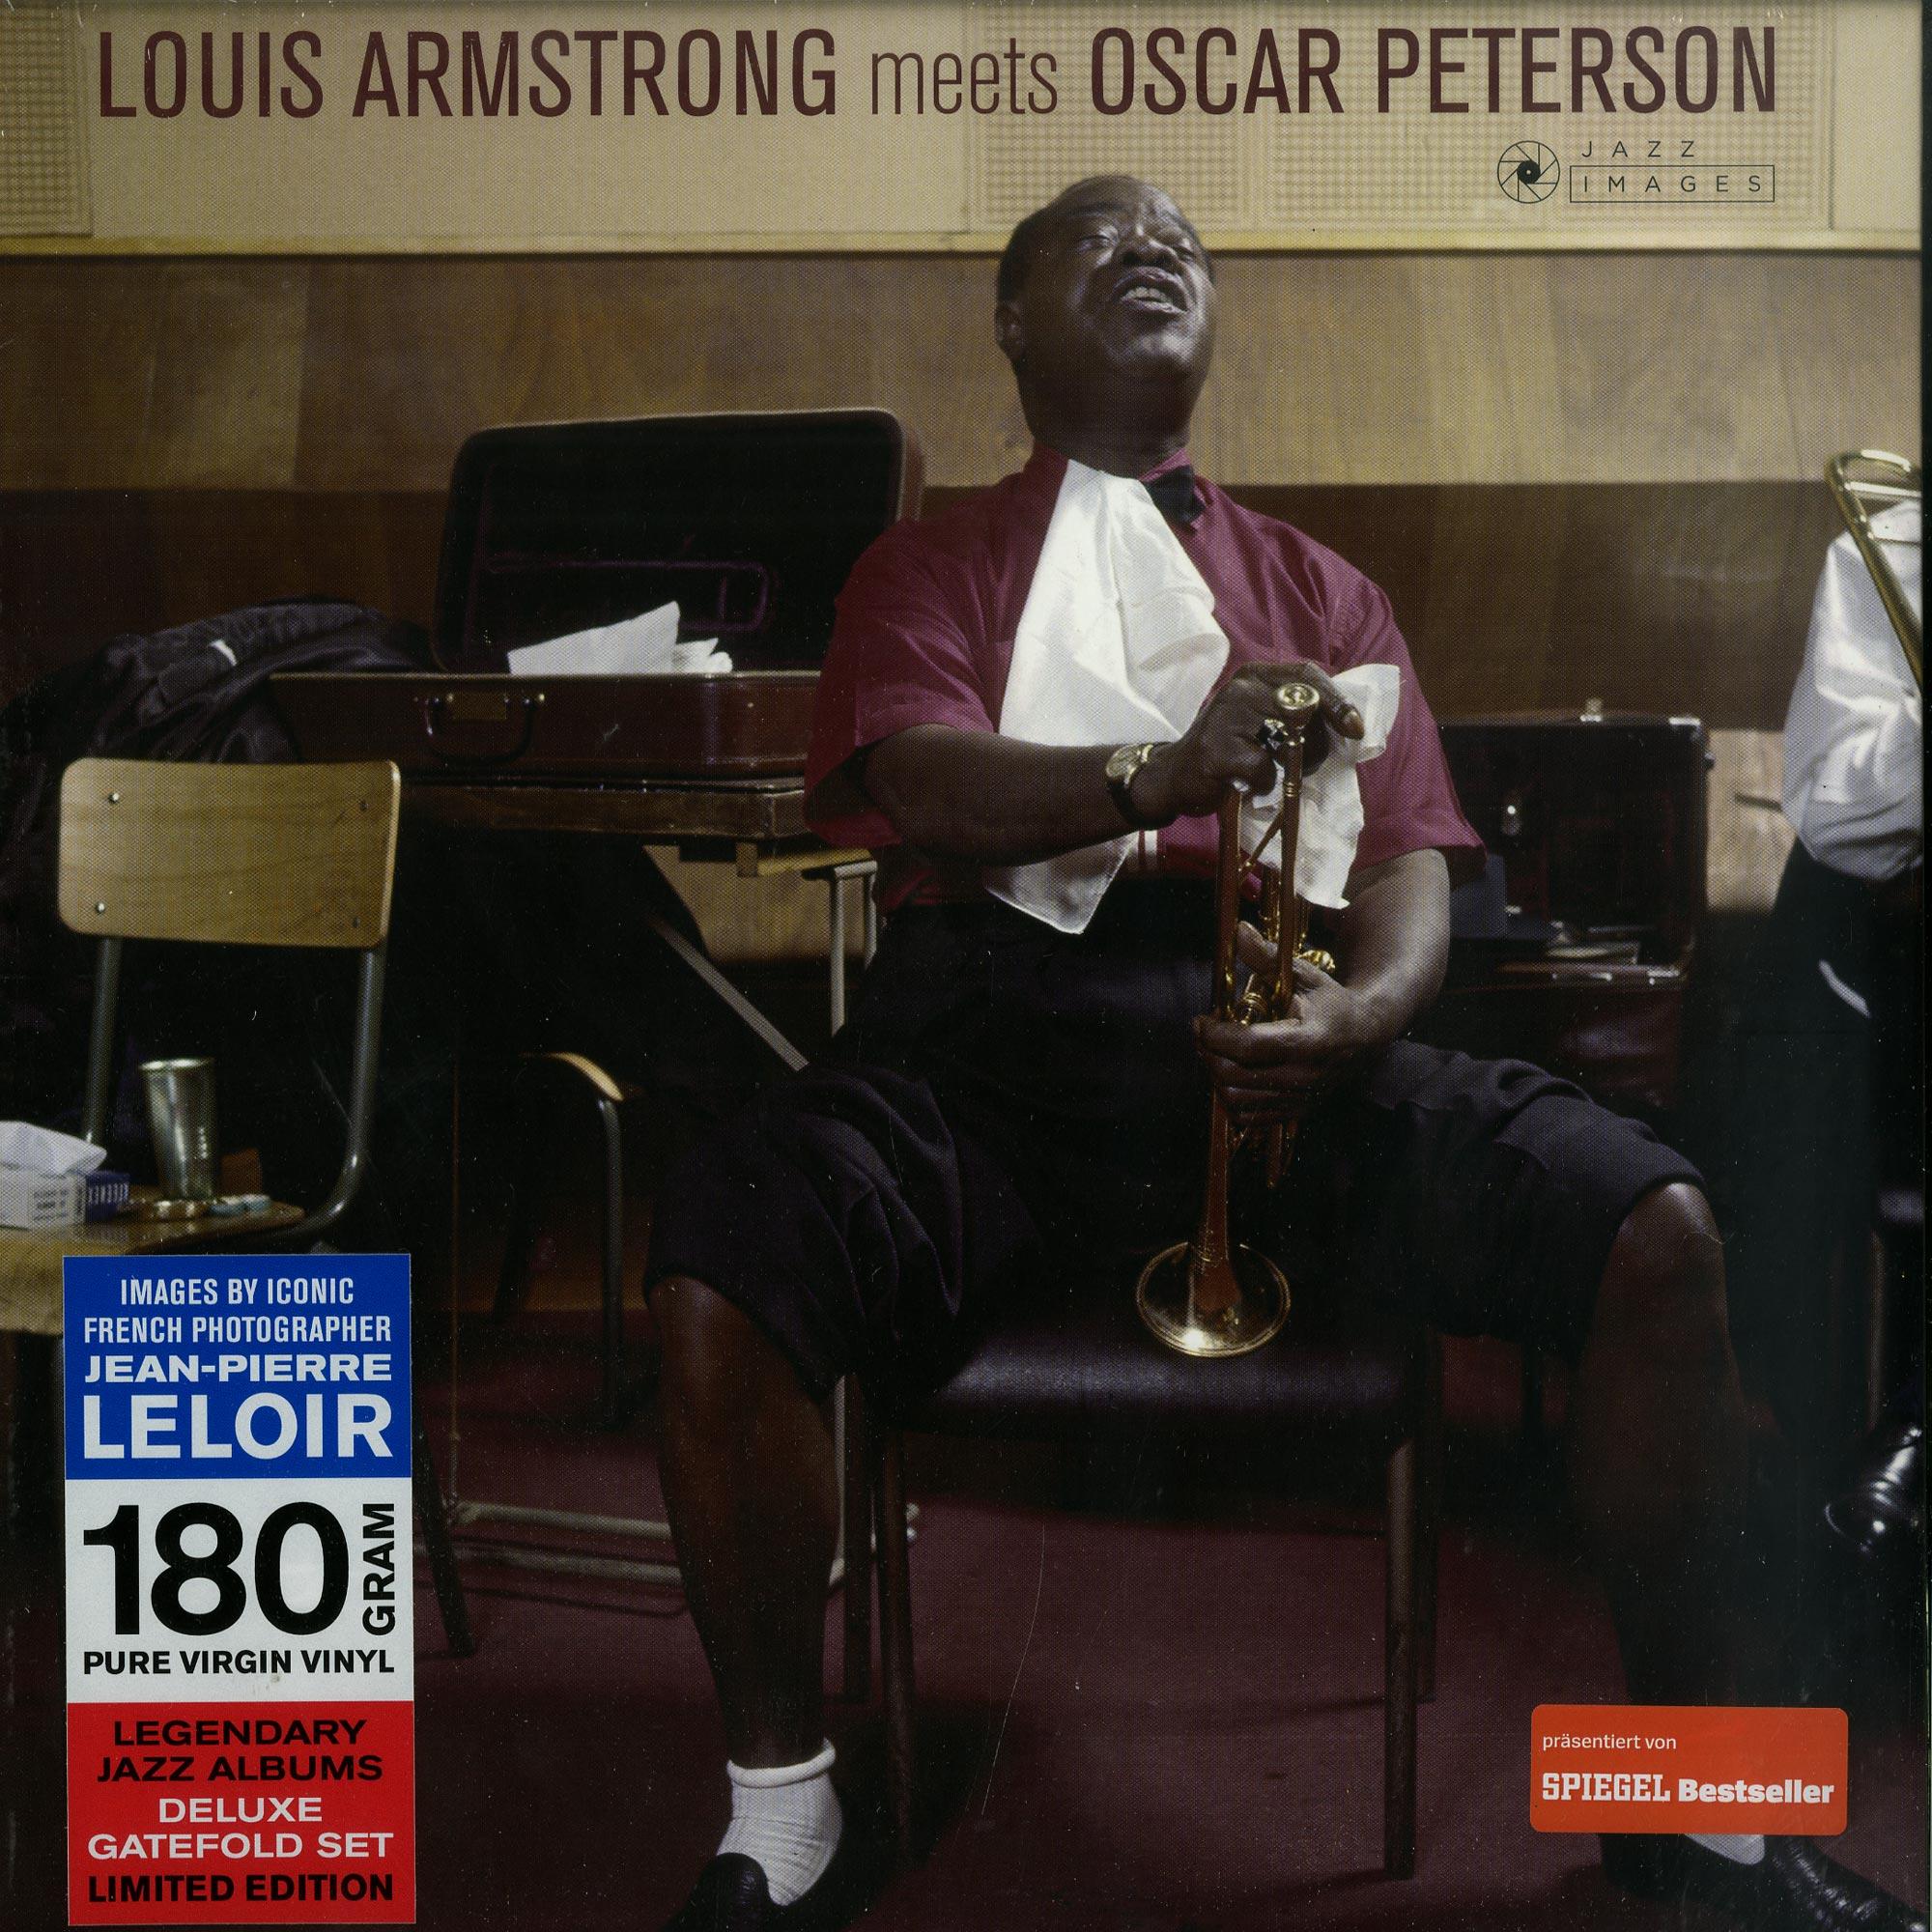 Louis Armstrong & Oscar Peterson - LOUIS ARMSTRONG MEETS OSCAR PETERSON